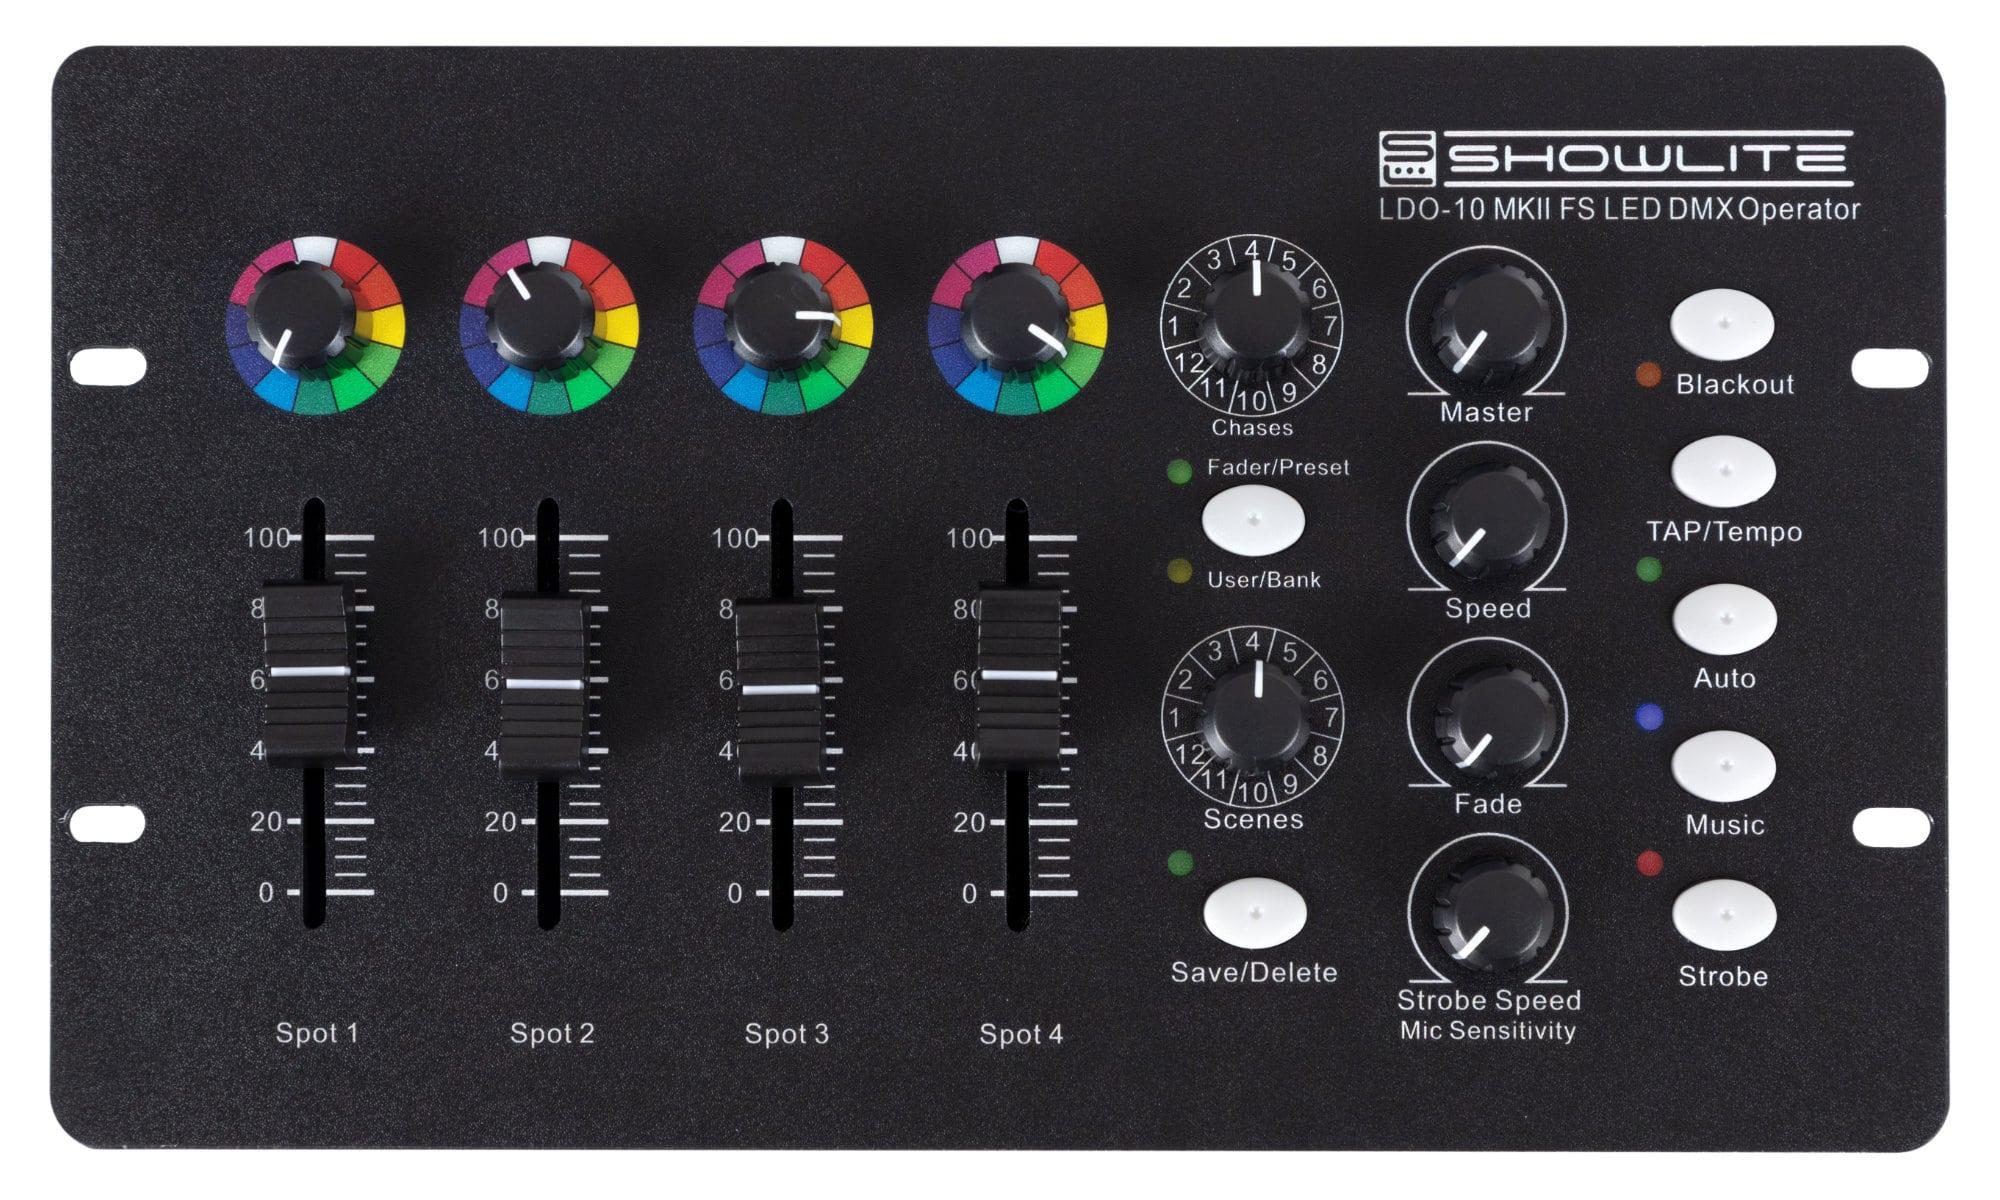 Lichtsteuerung - Showlite LDO 10 MKII FS LED DMX Operator - Onlineshop Musikhaus Kirstein